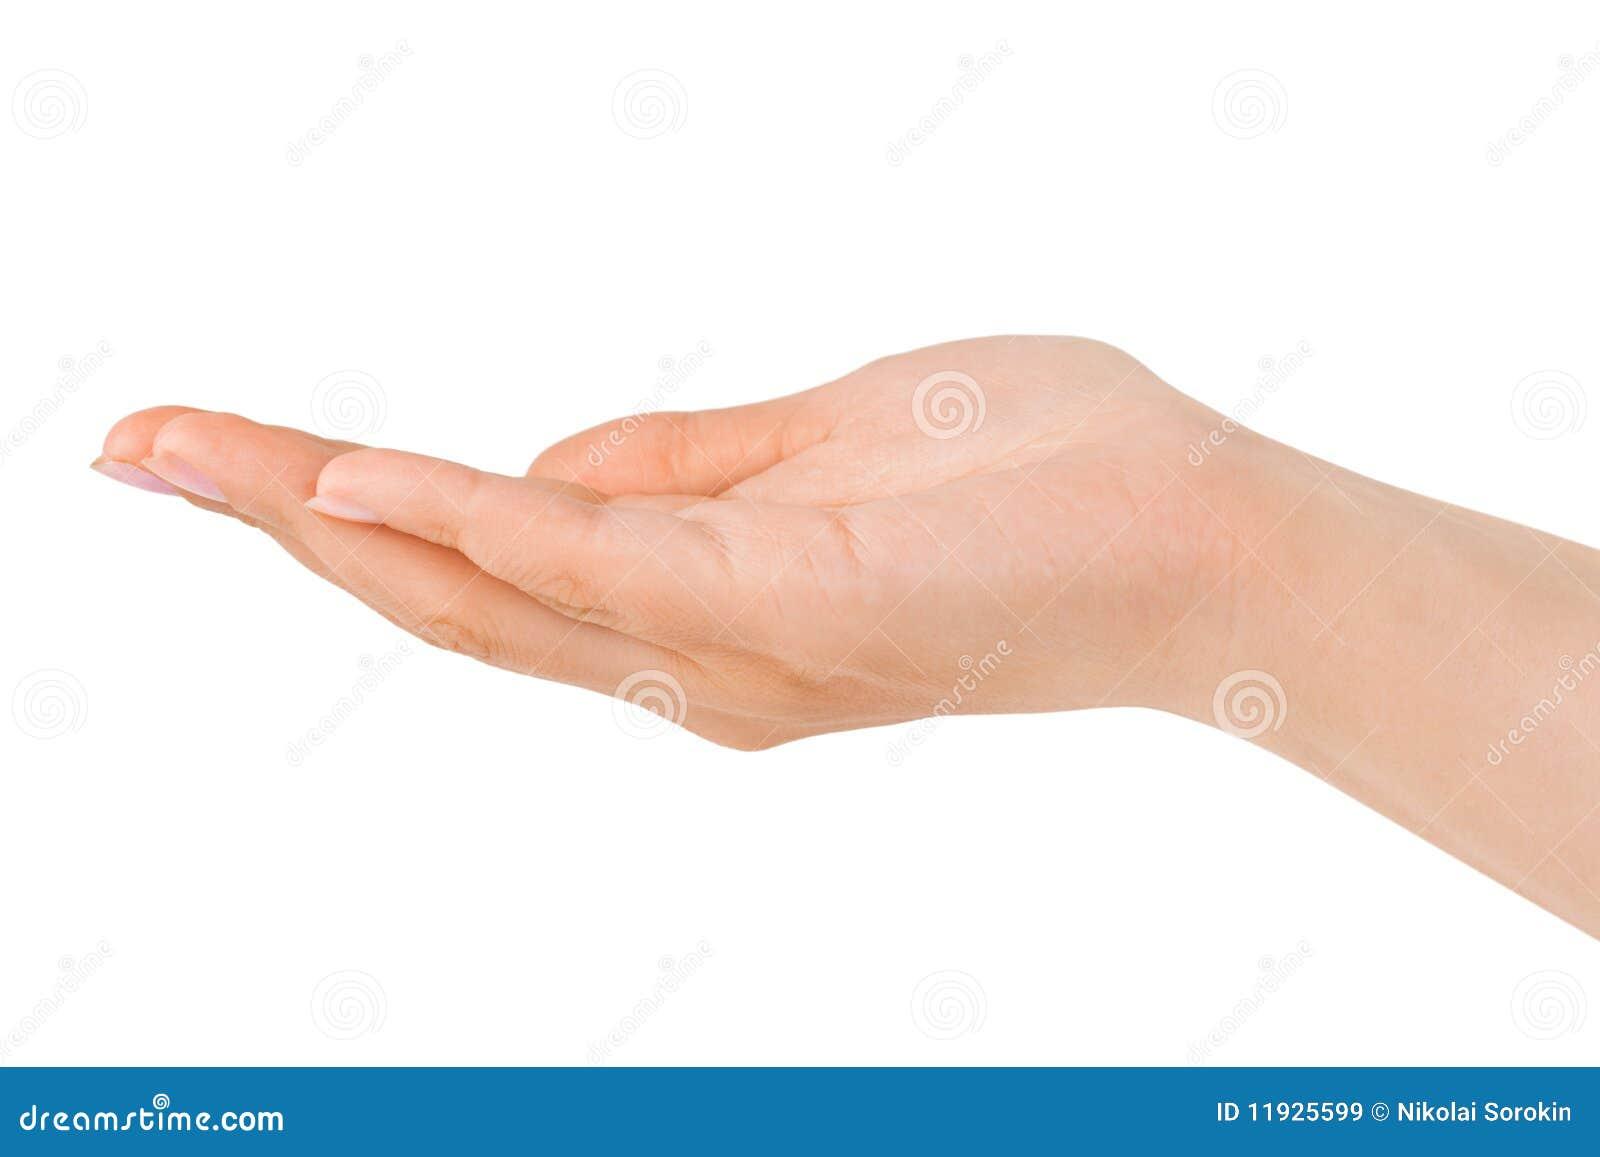 Kupad hand